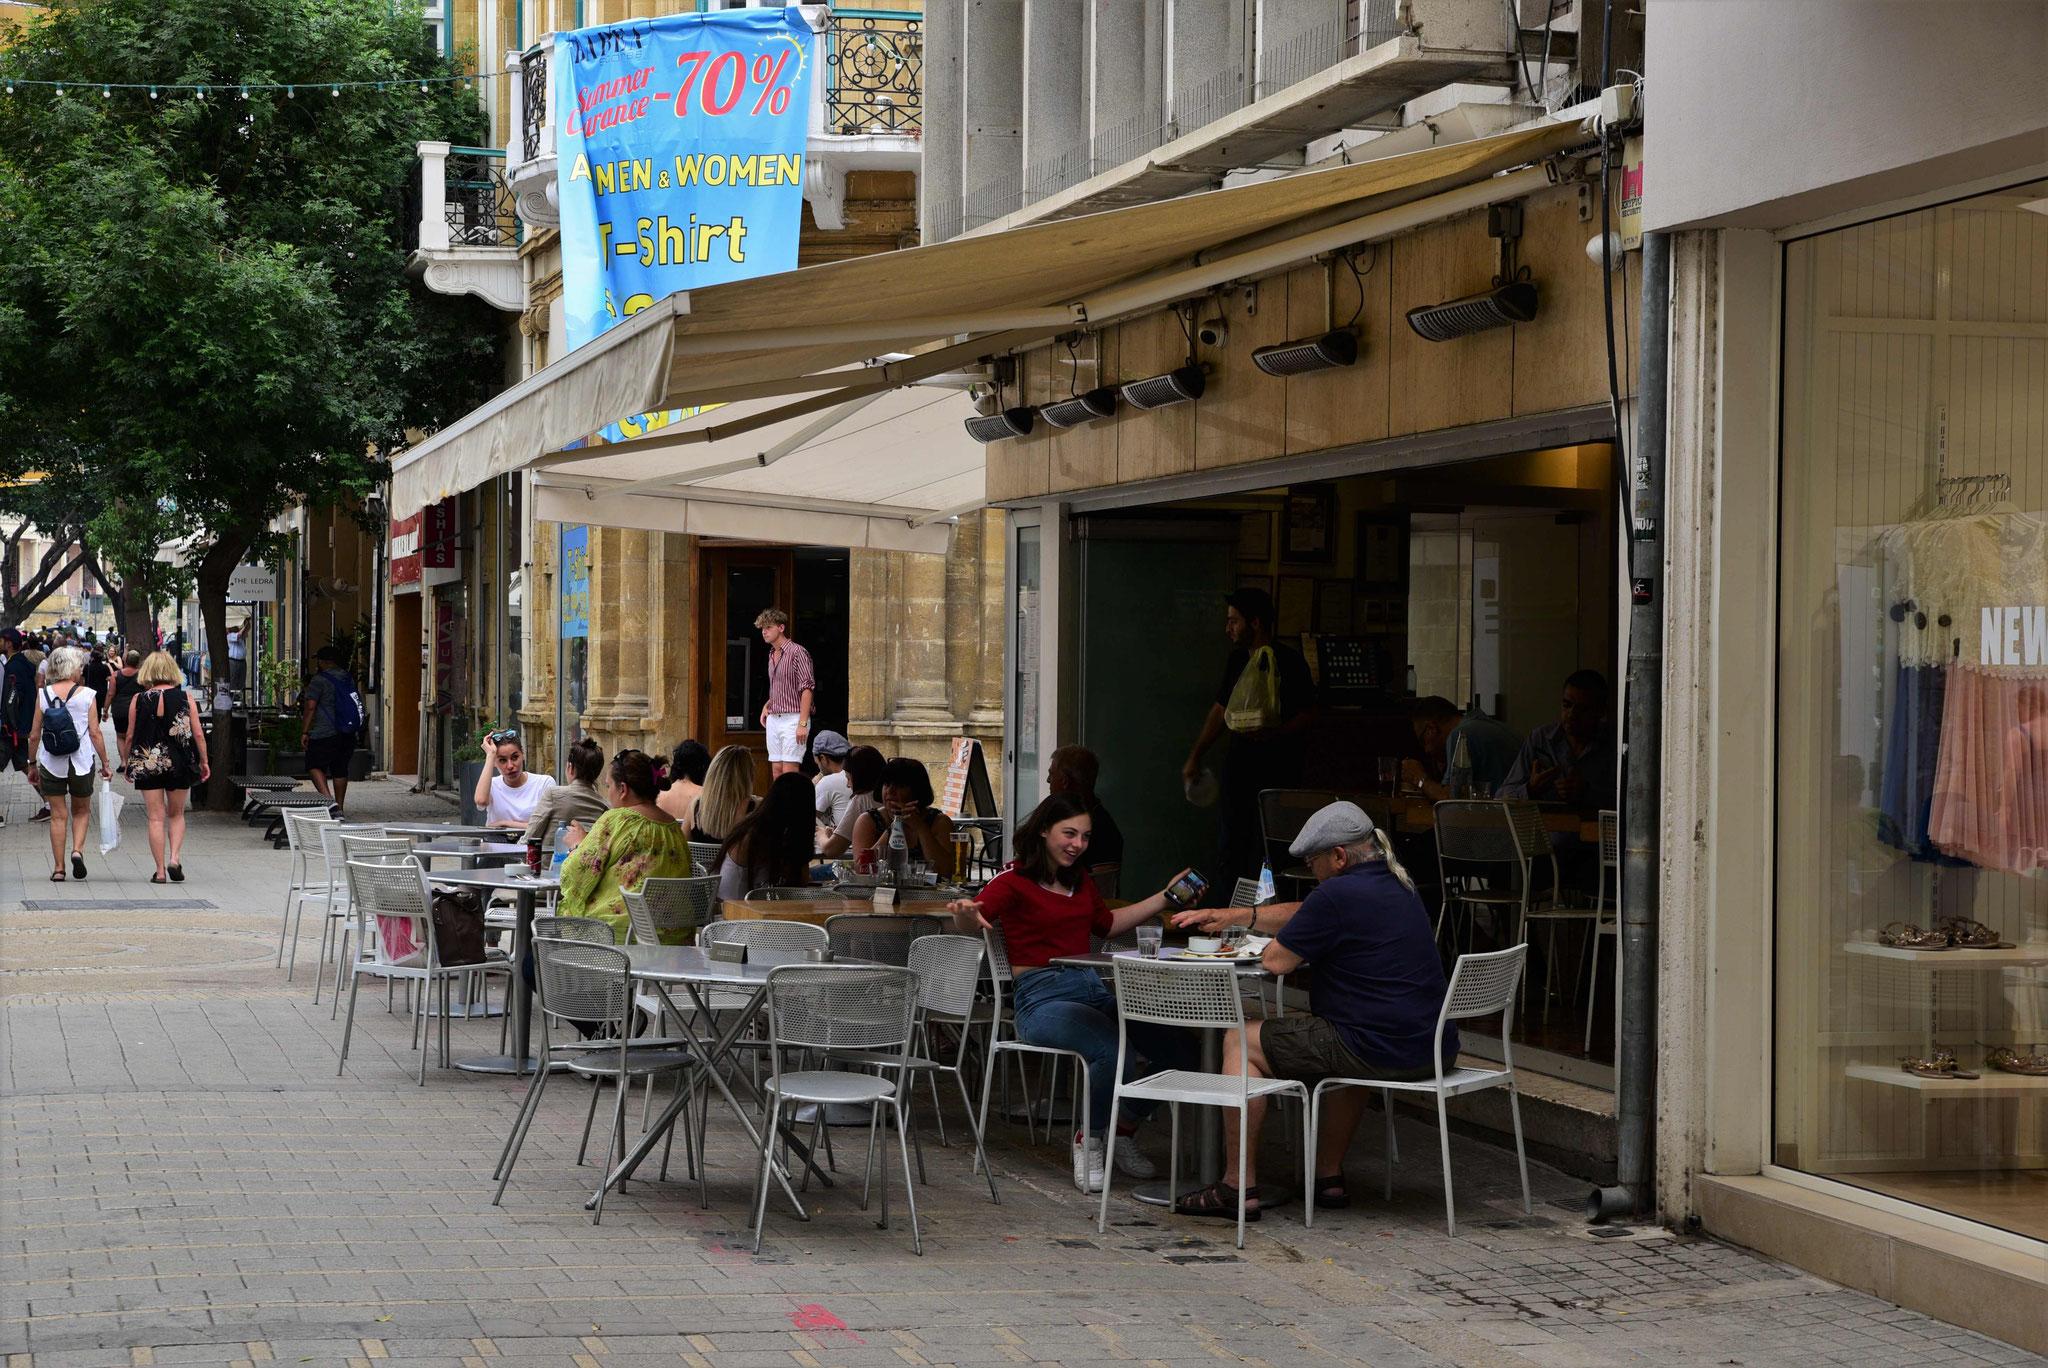 Café, Wirtschaften - immer gleich was um die Ecke